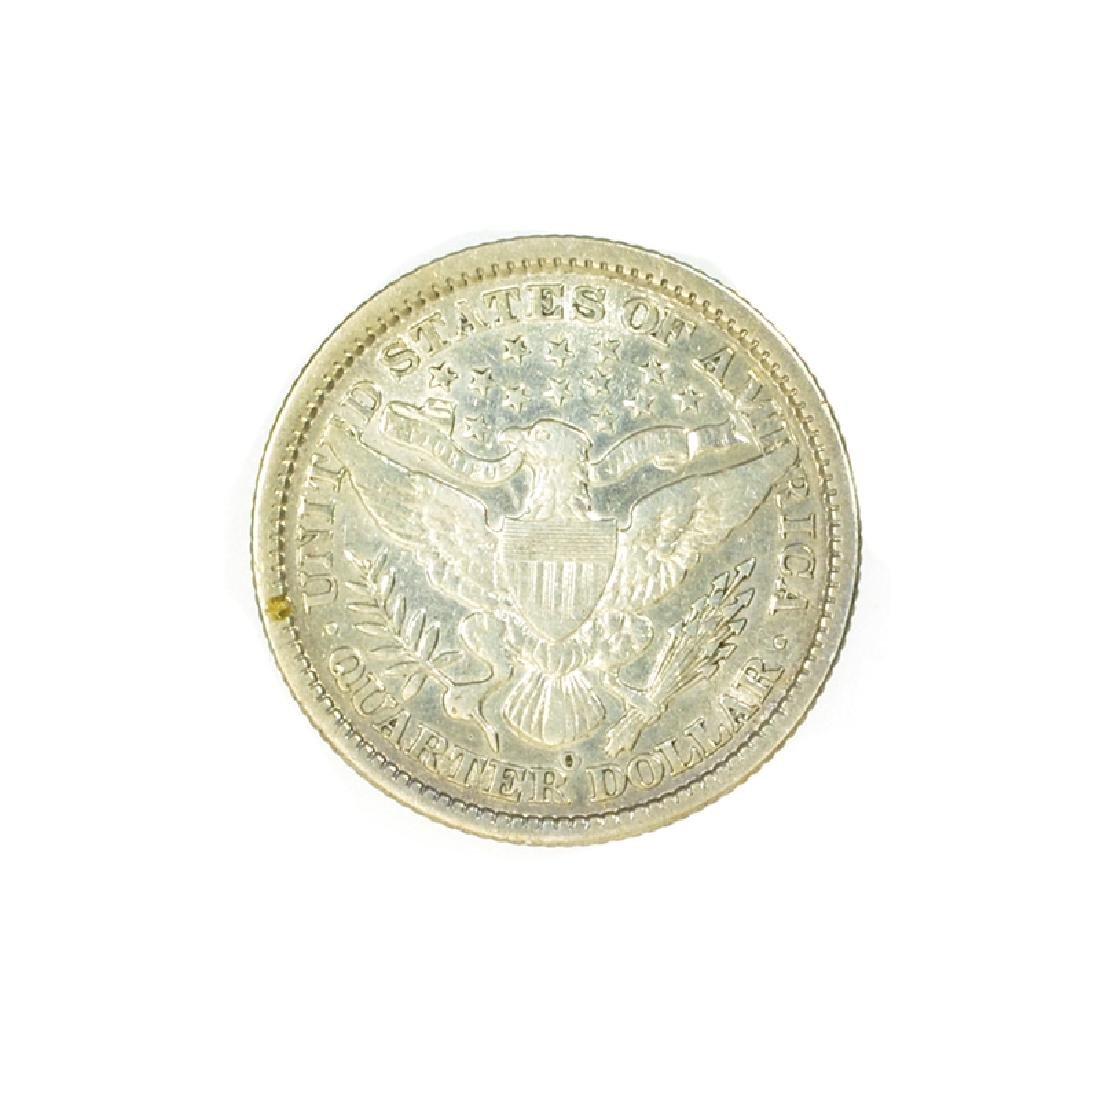 1899-O Barber Head Type Quarter Dollar Coin - 2